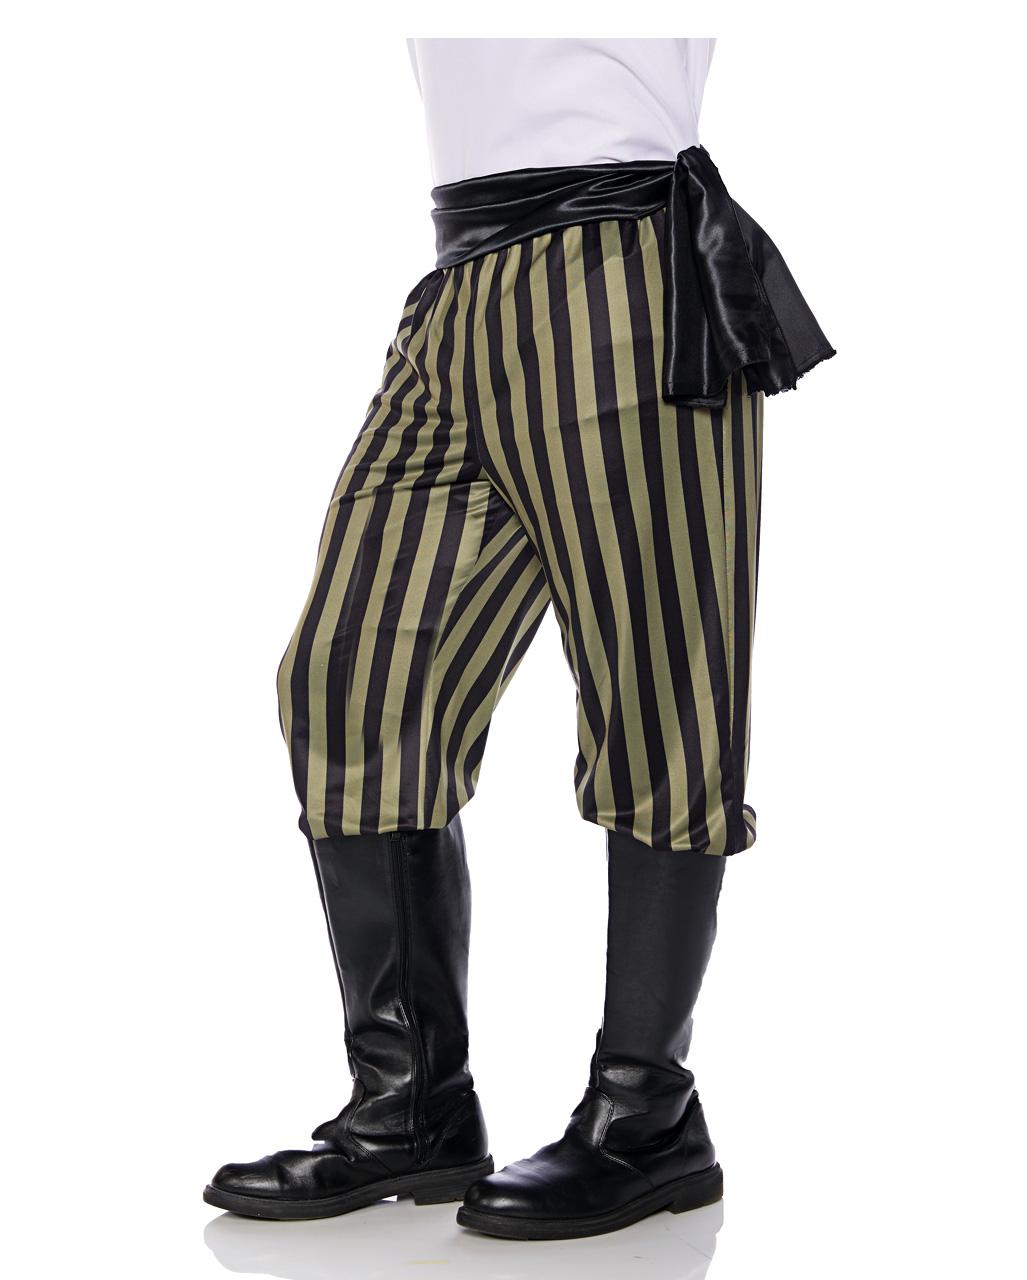 Piraten Kostümhose schwarz grün gestreift